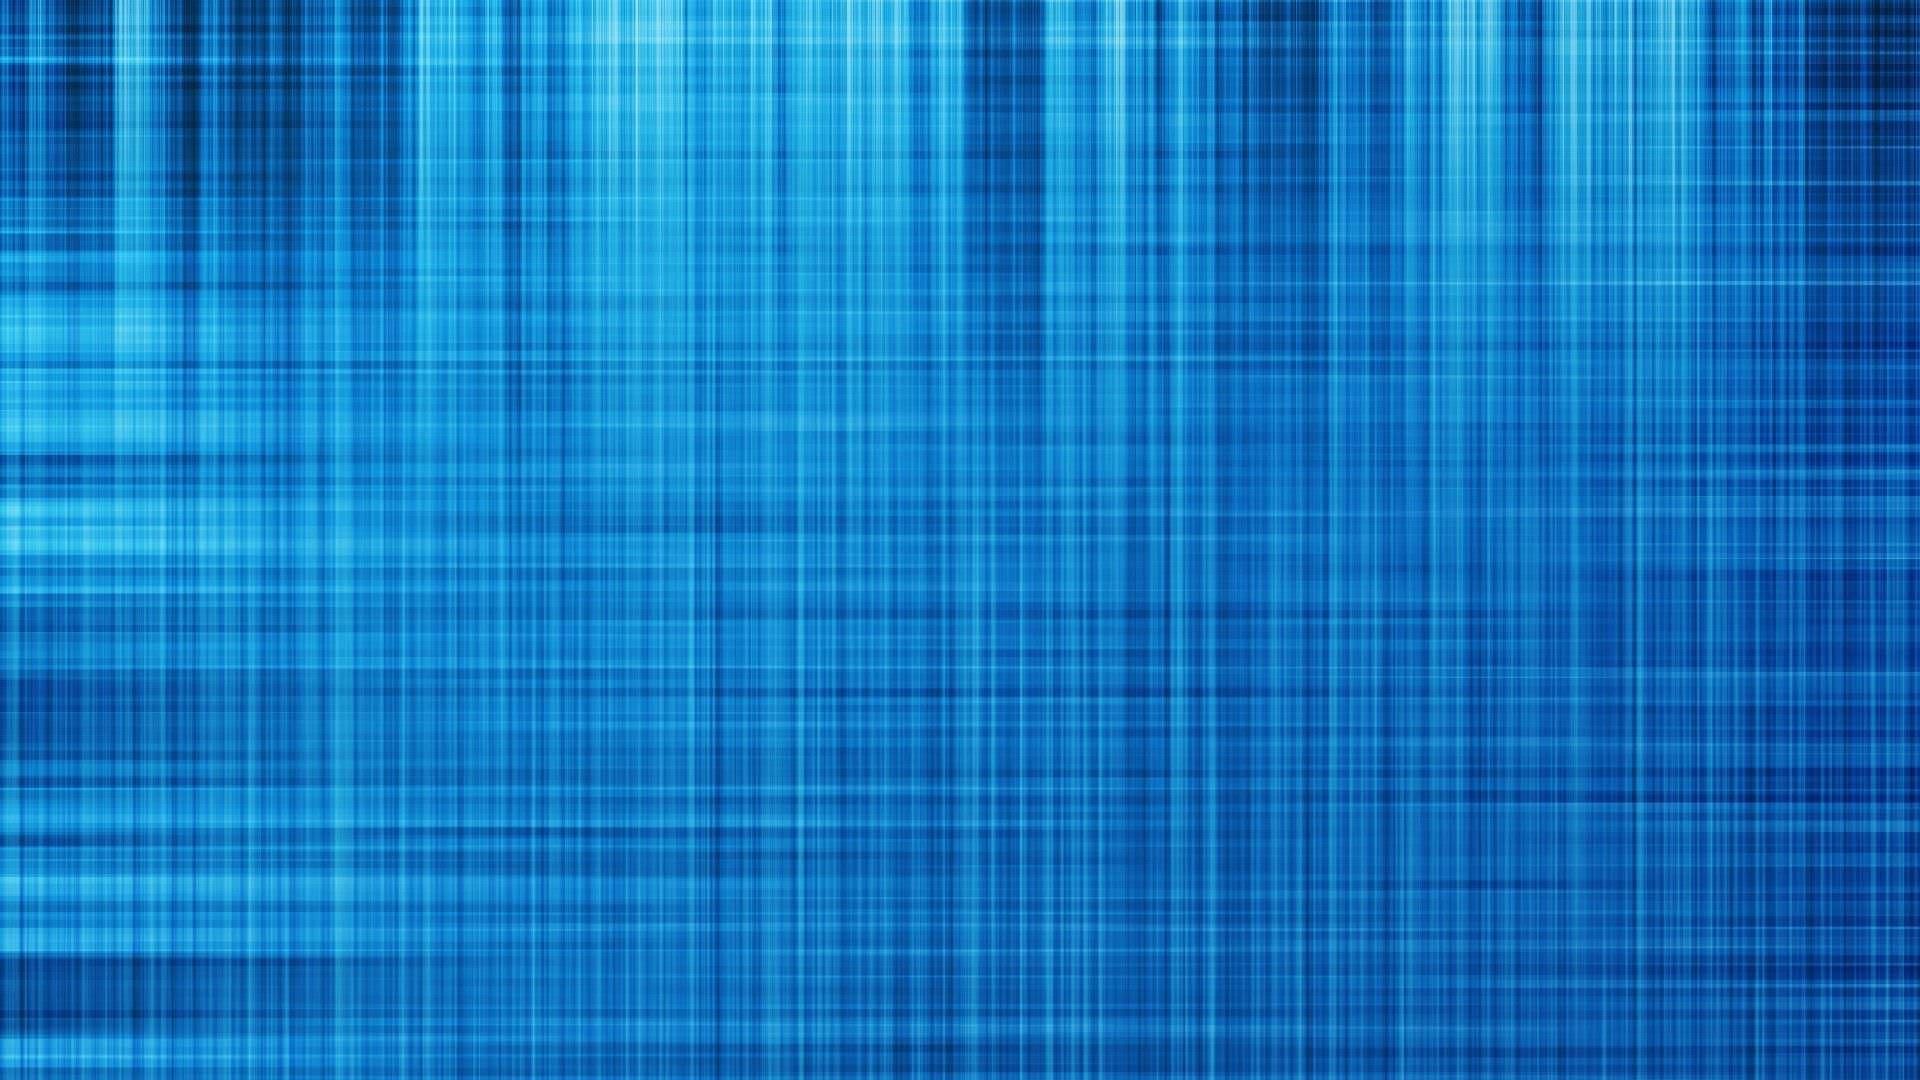 Simple Blue Plain Texture Wallpaper